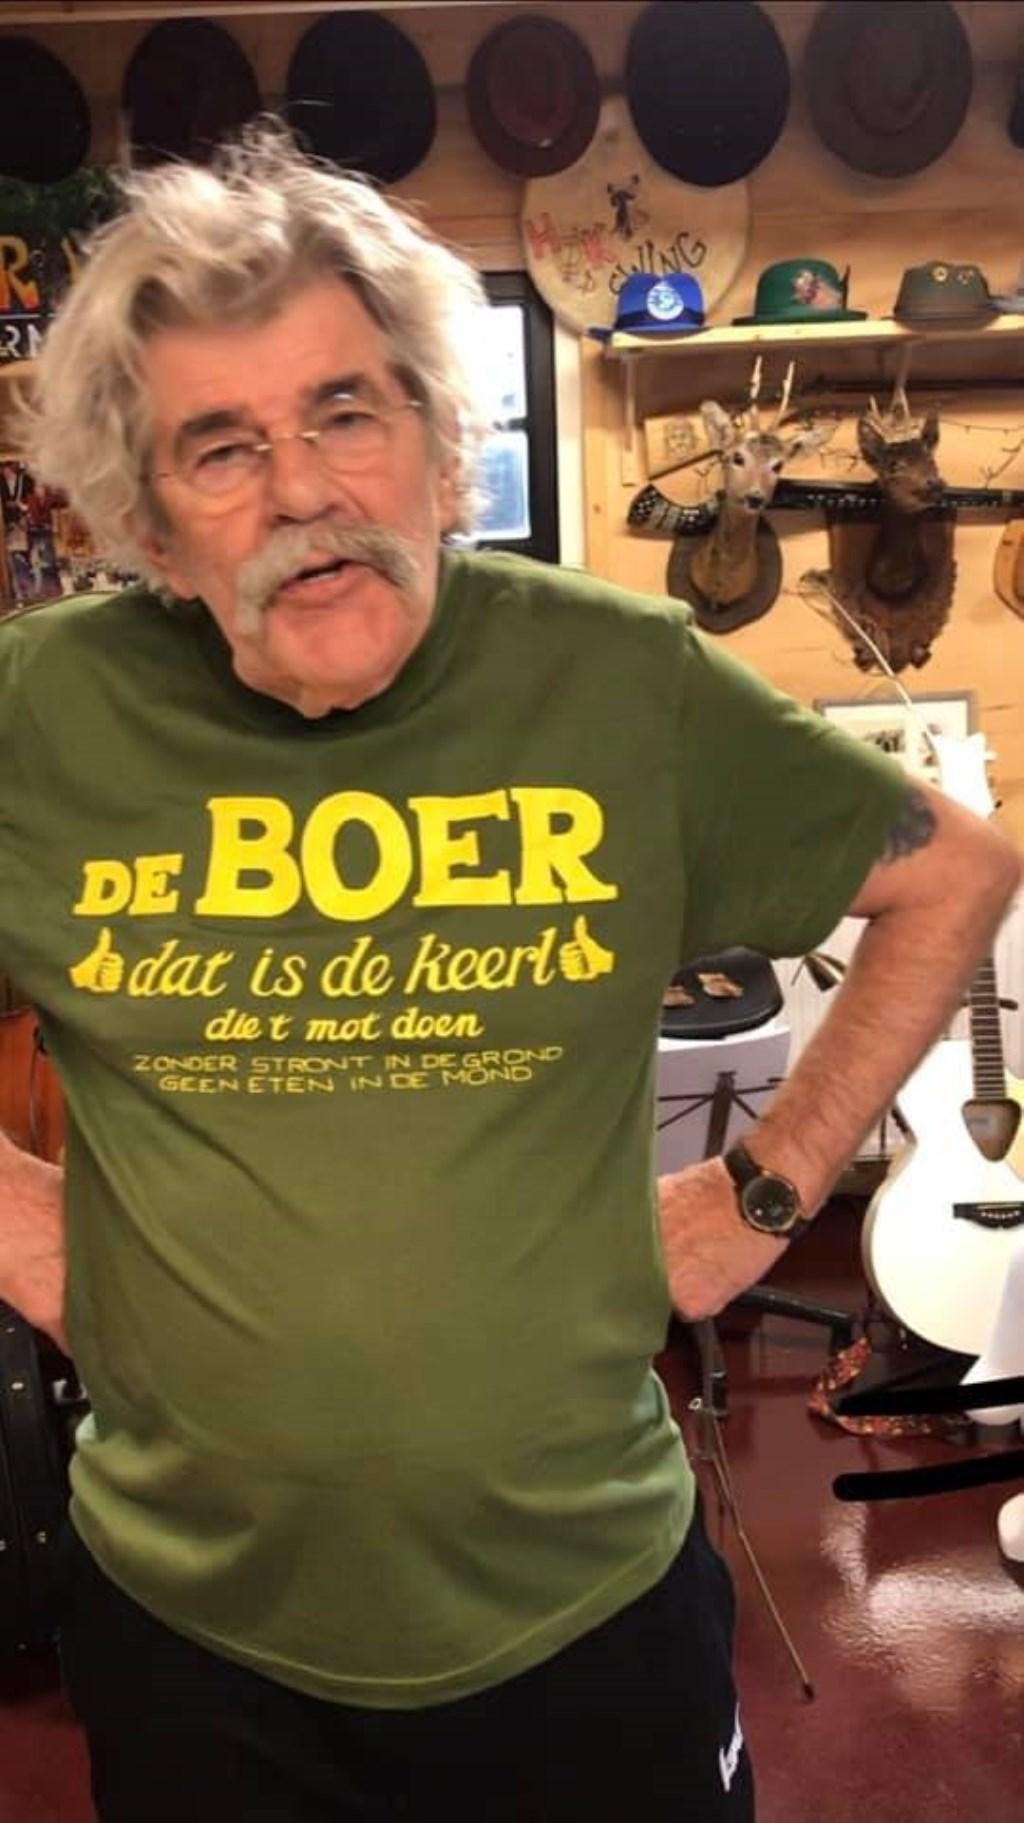 Bennie Jolink liet speciale t-shirts ontwerpen met de titel van het lijflied van de boeren.  © Achterhoek Nieuws b.v.